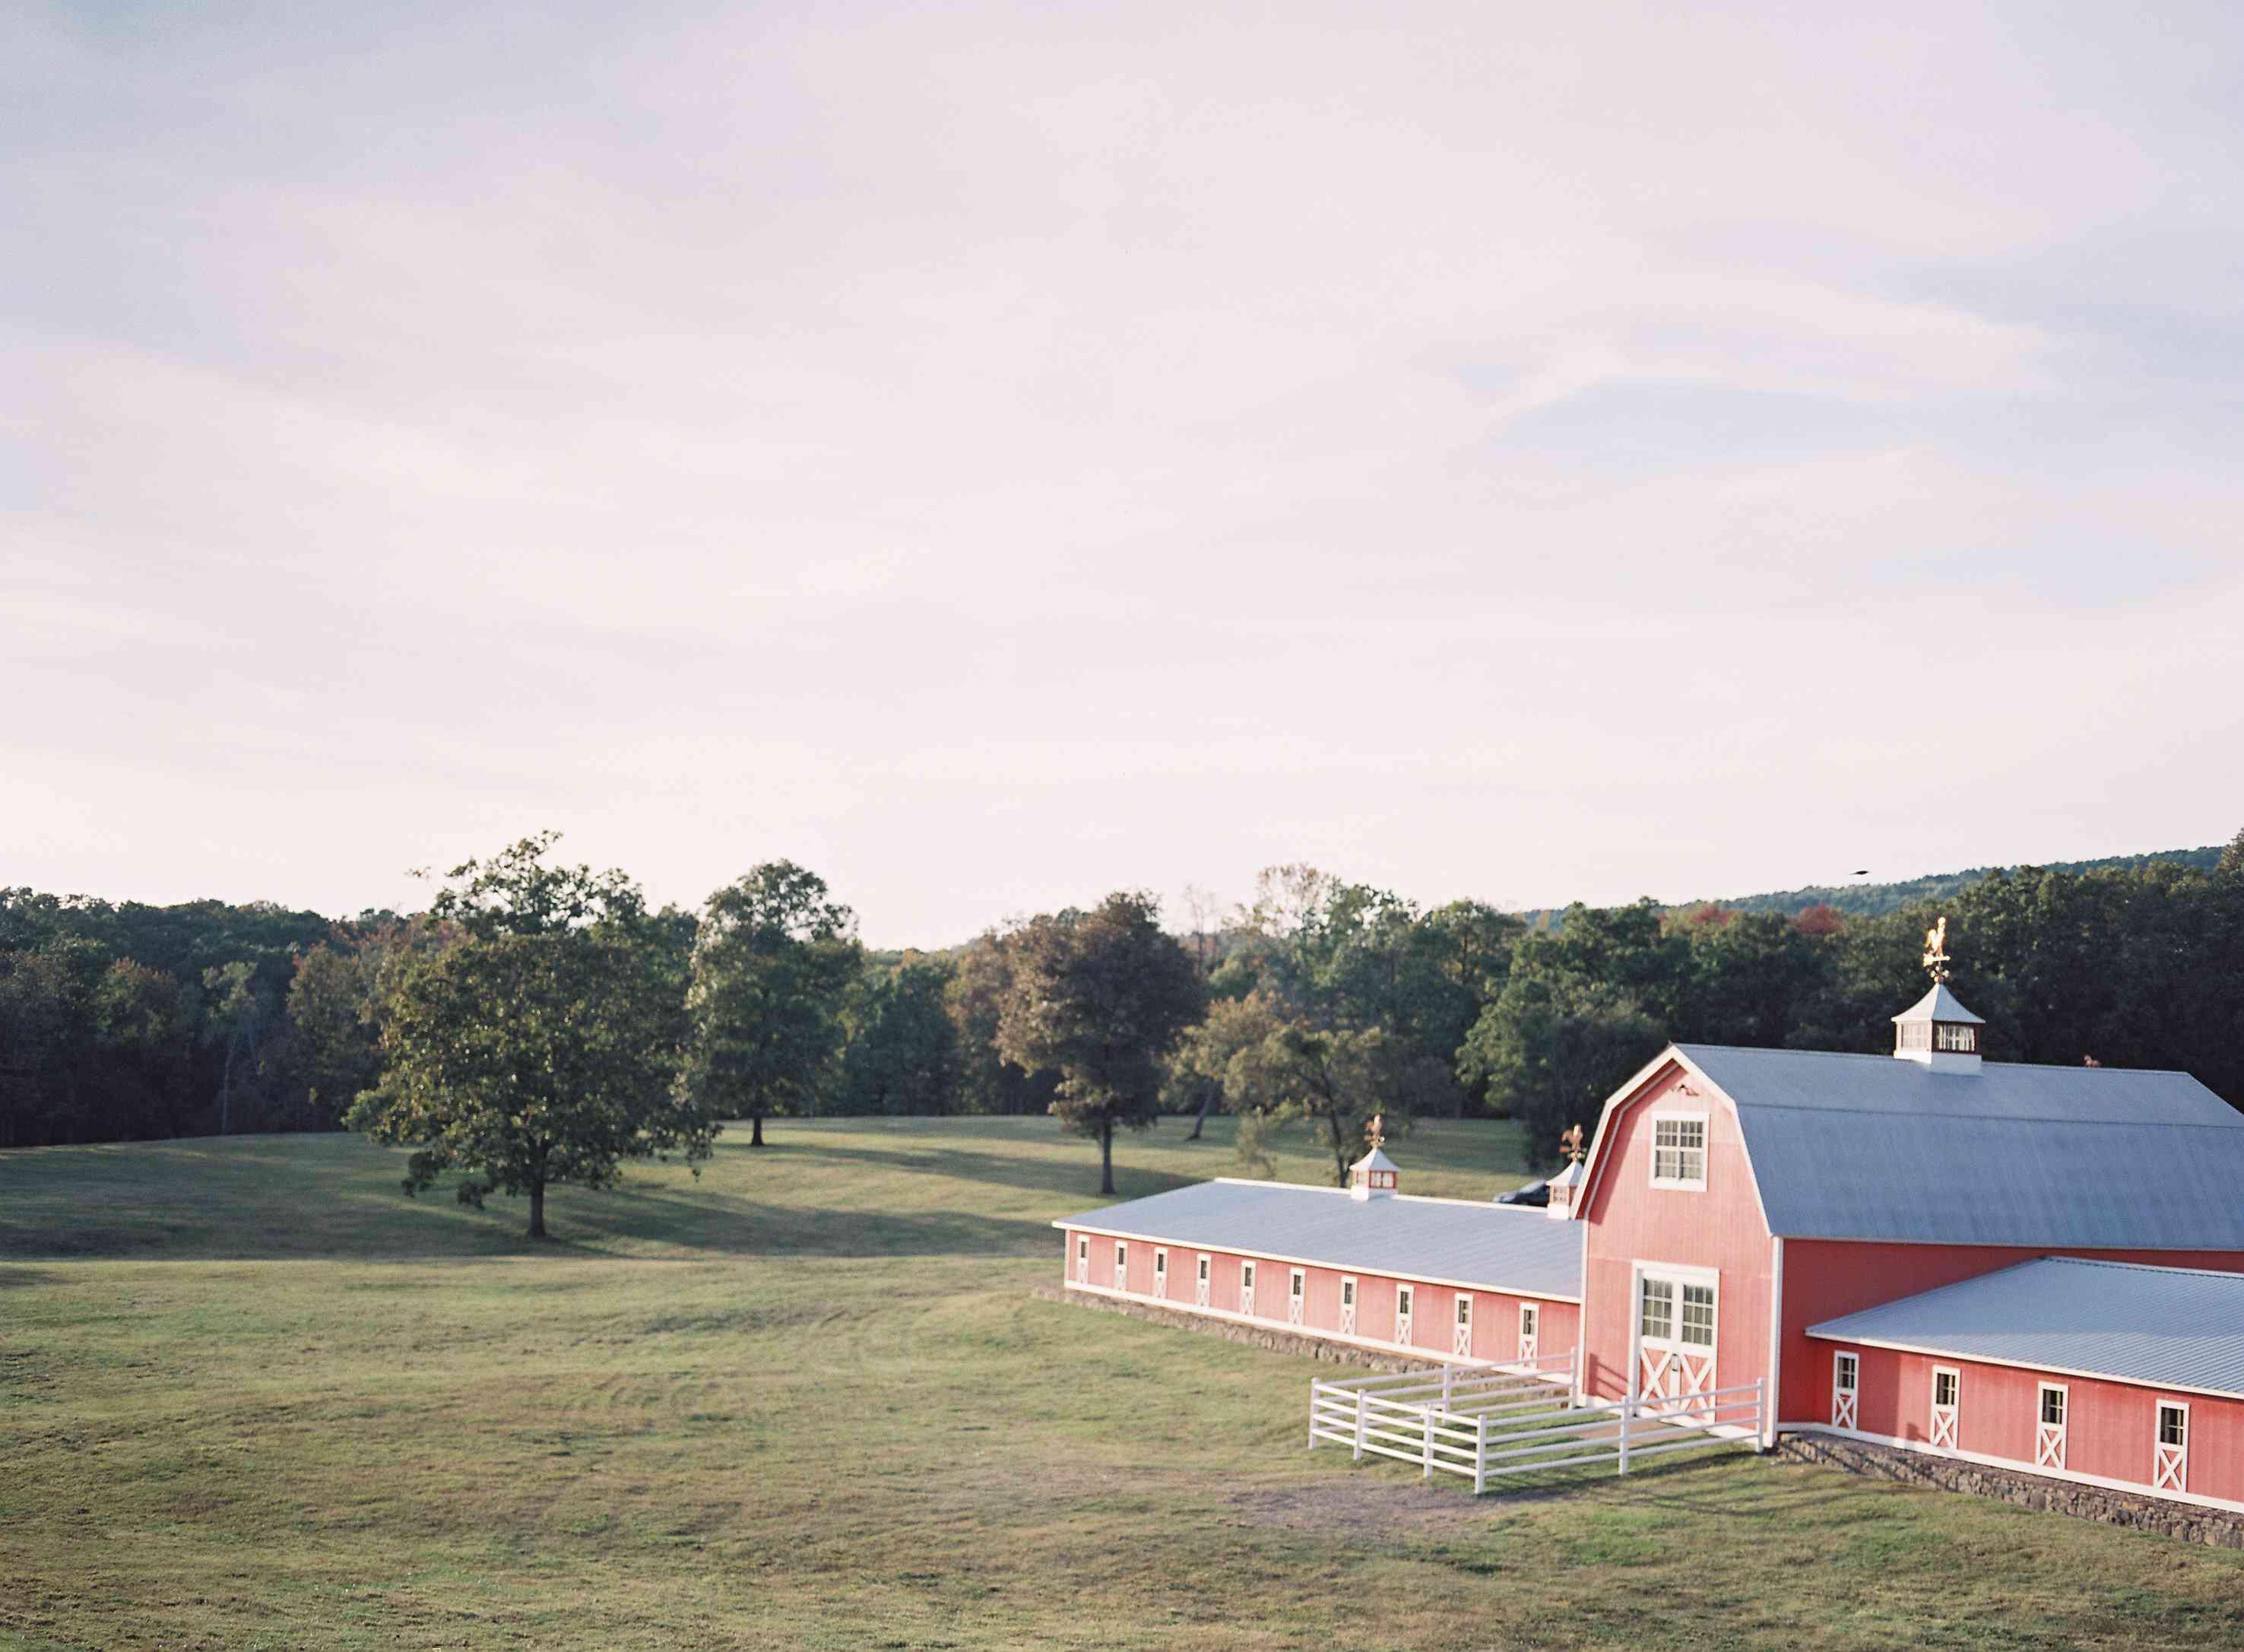 <p>Farm wedding venue</p><br><br>